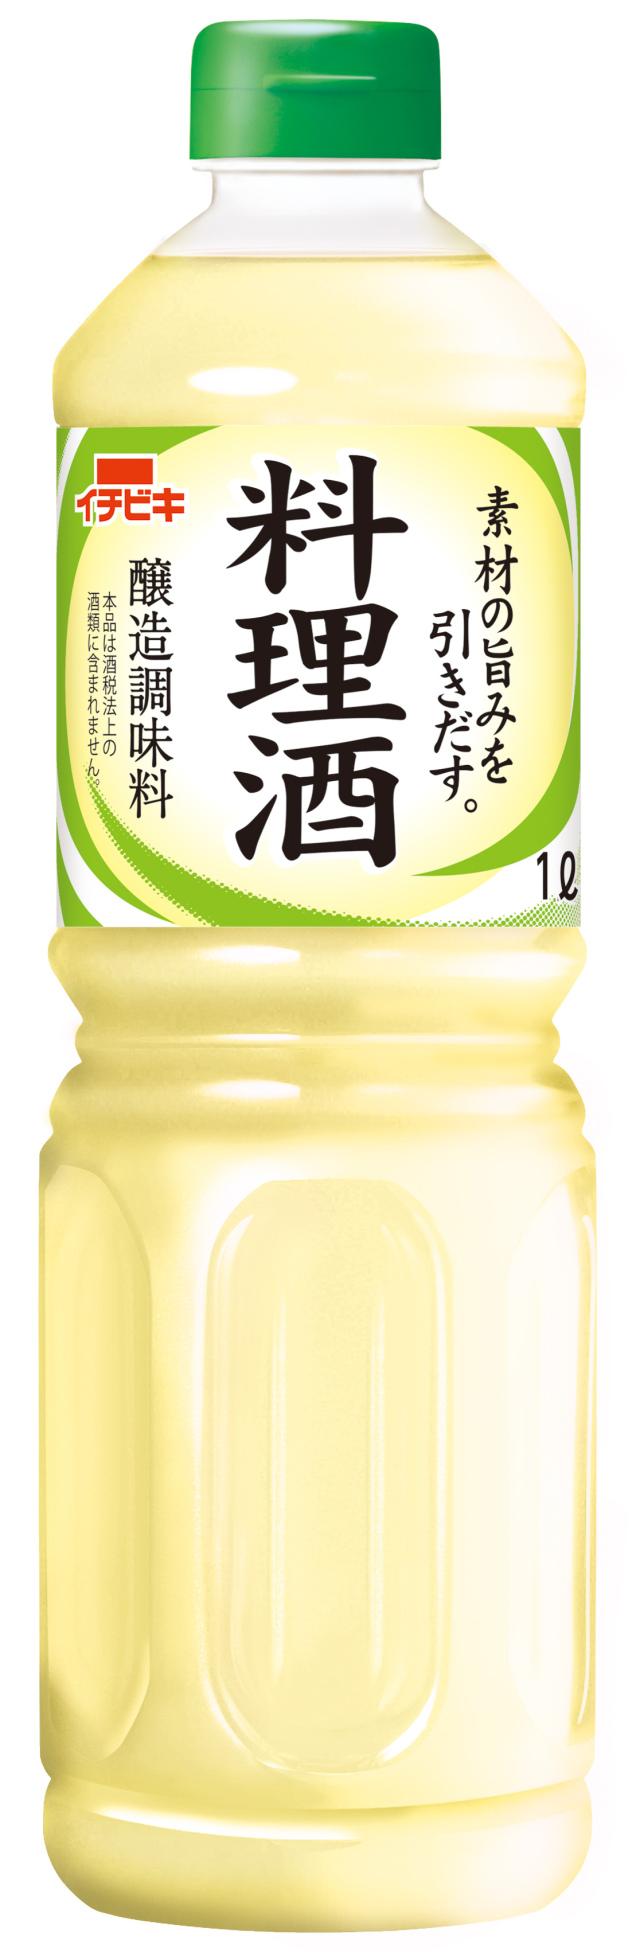 料理酒 (ペットボトル・1L×8本)